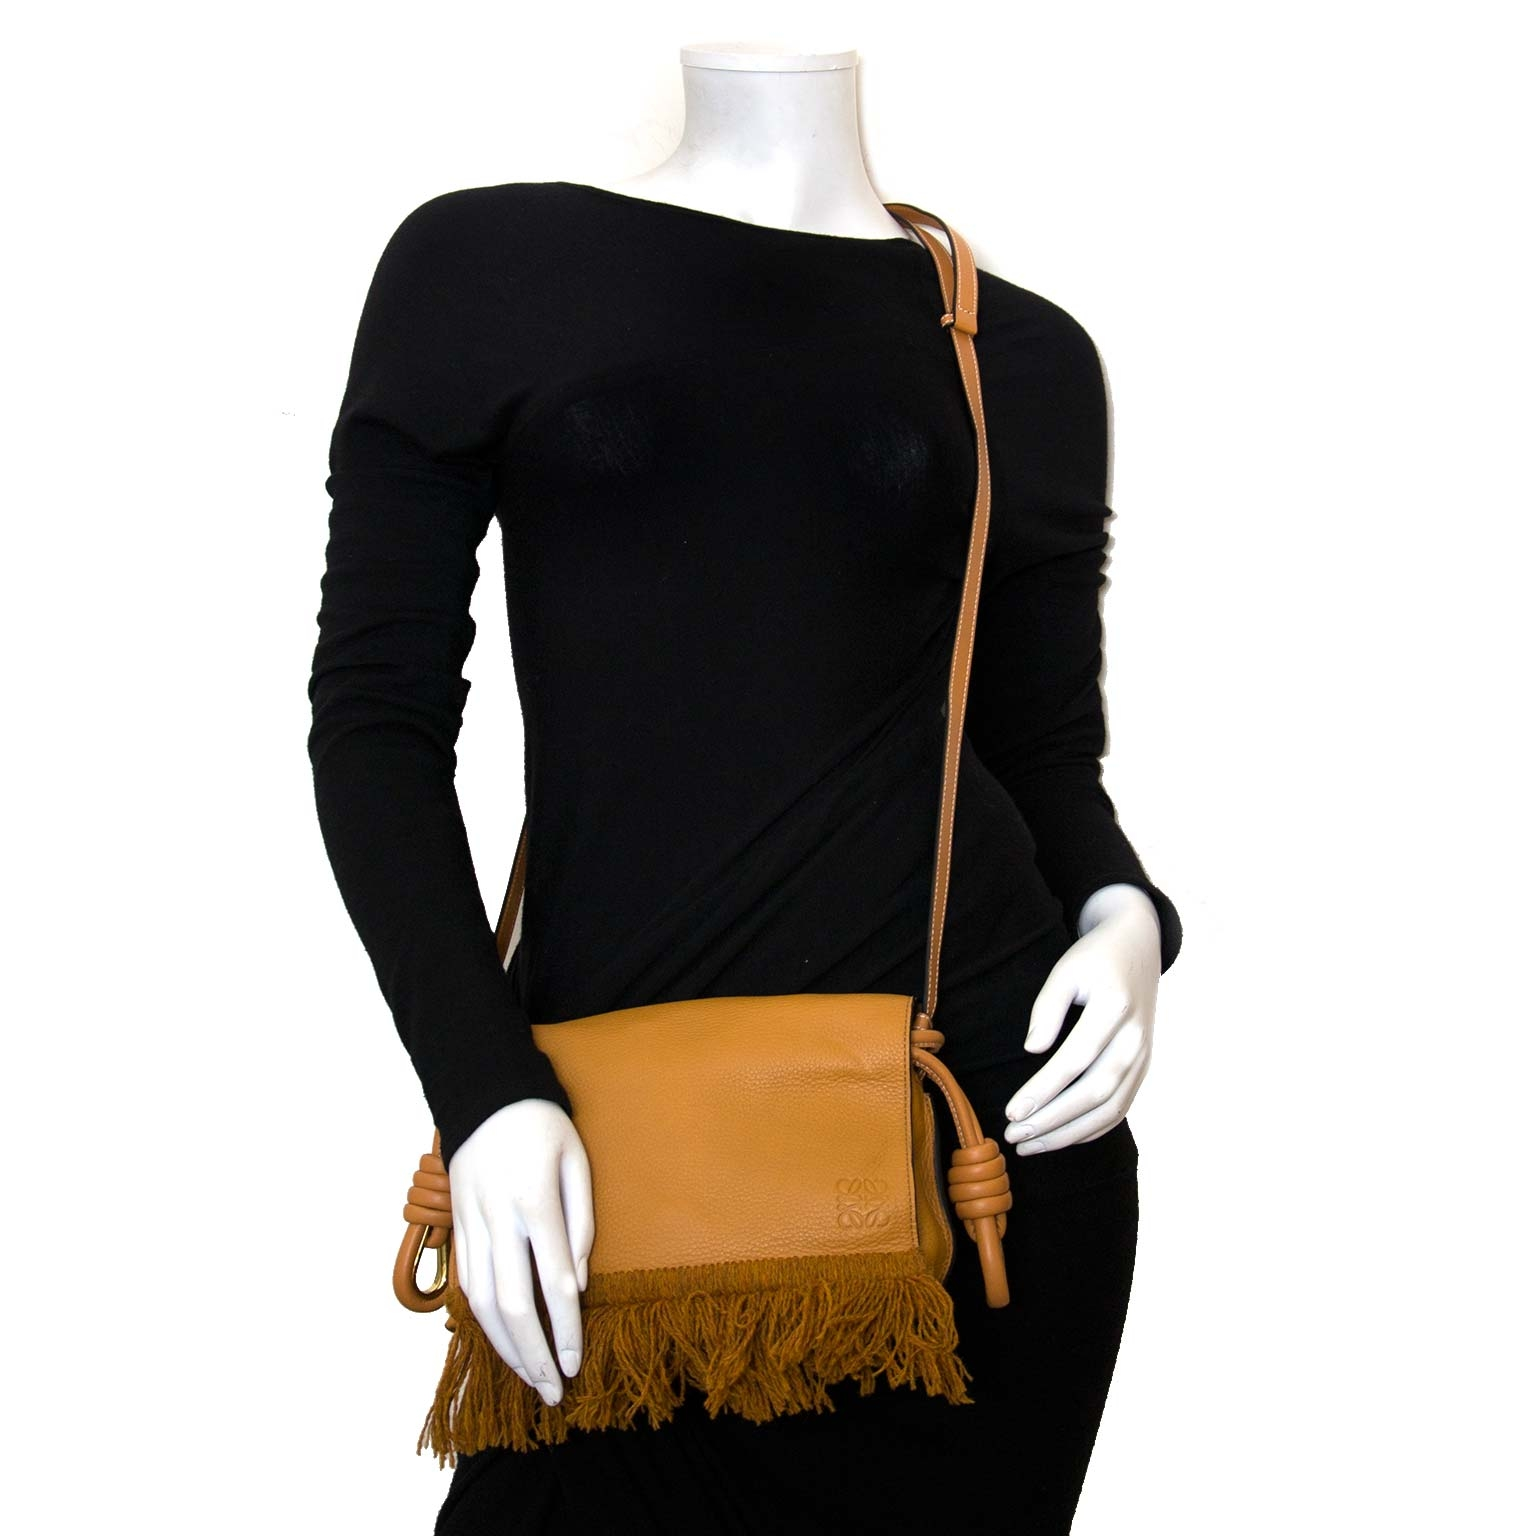 loewe flamenco caramel flap tas nu te koop bij labellov vintage mode webshop belgië